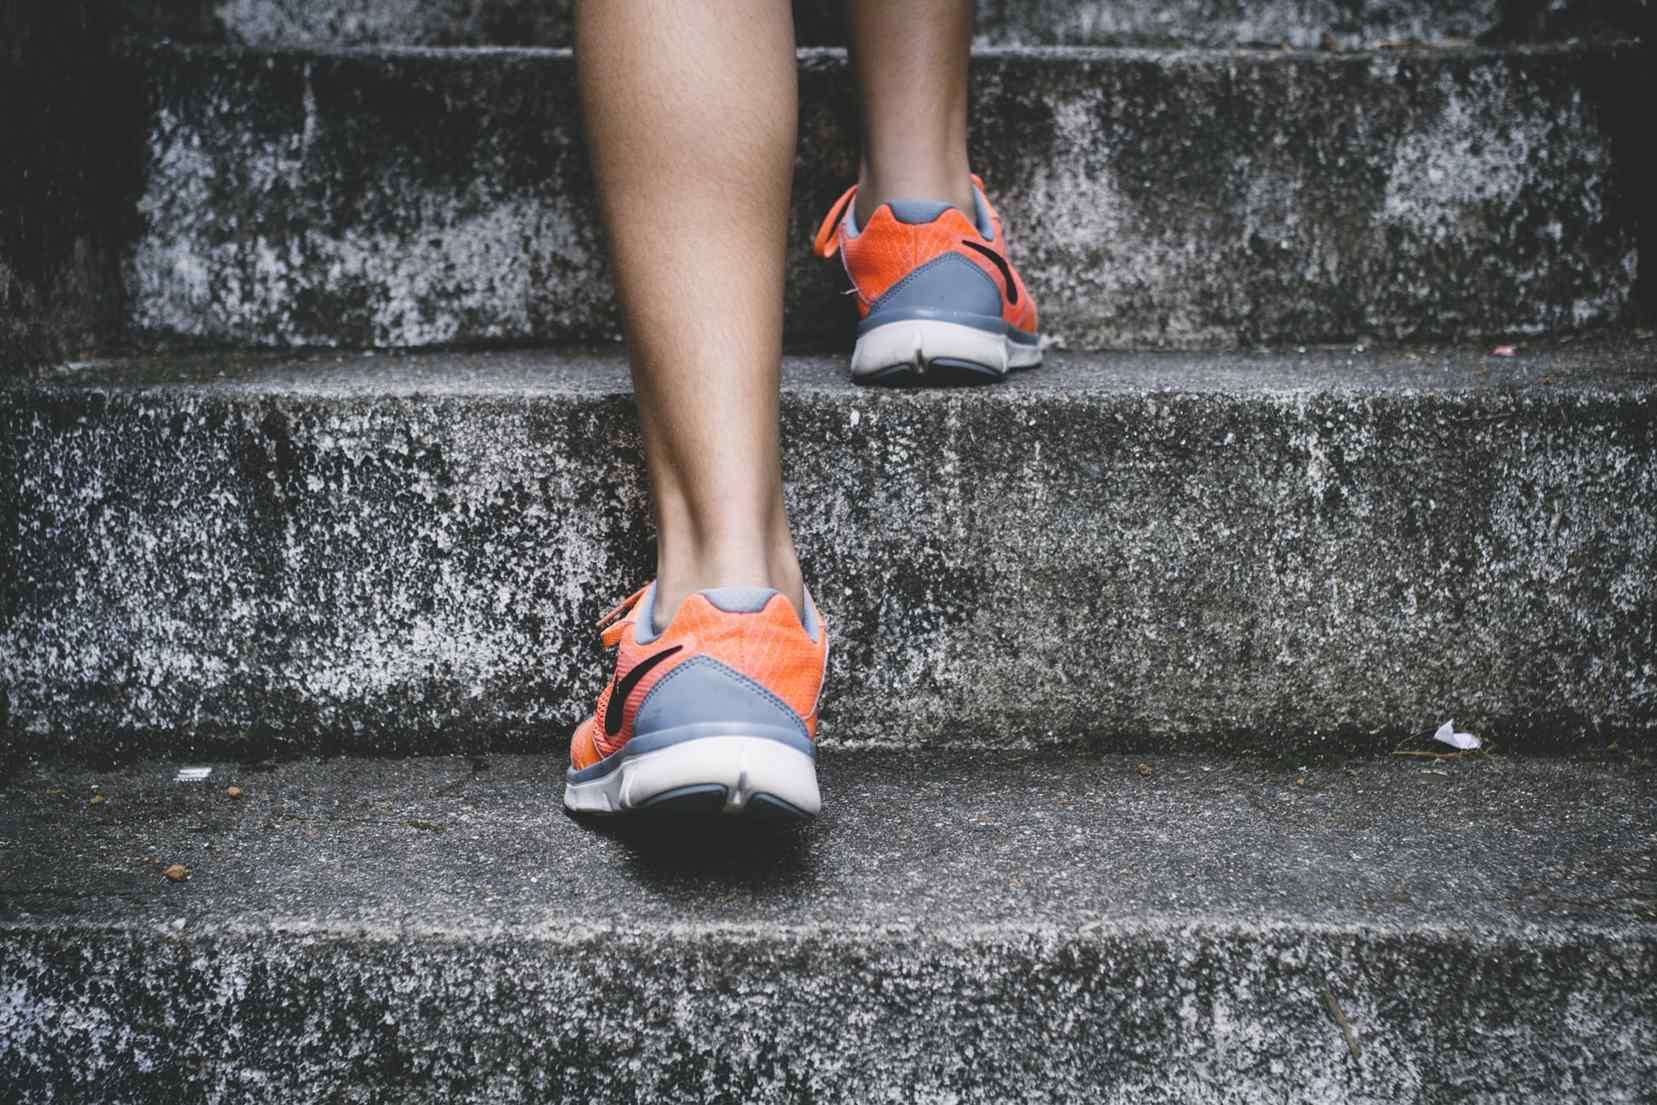 Excesso de exercícios